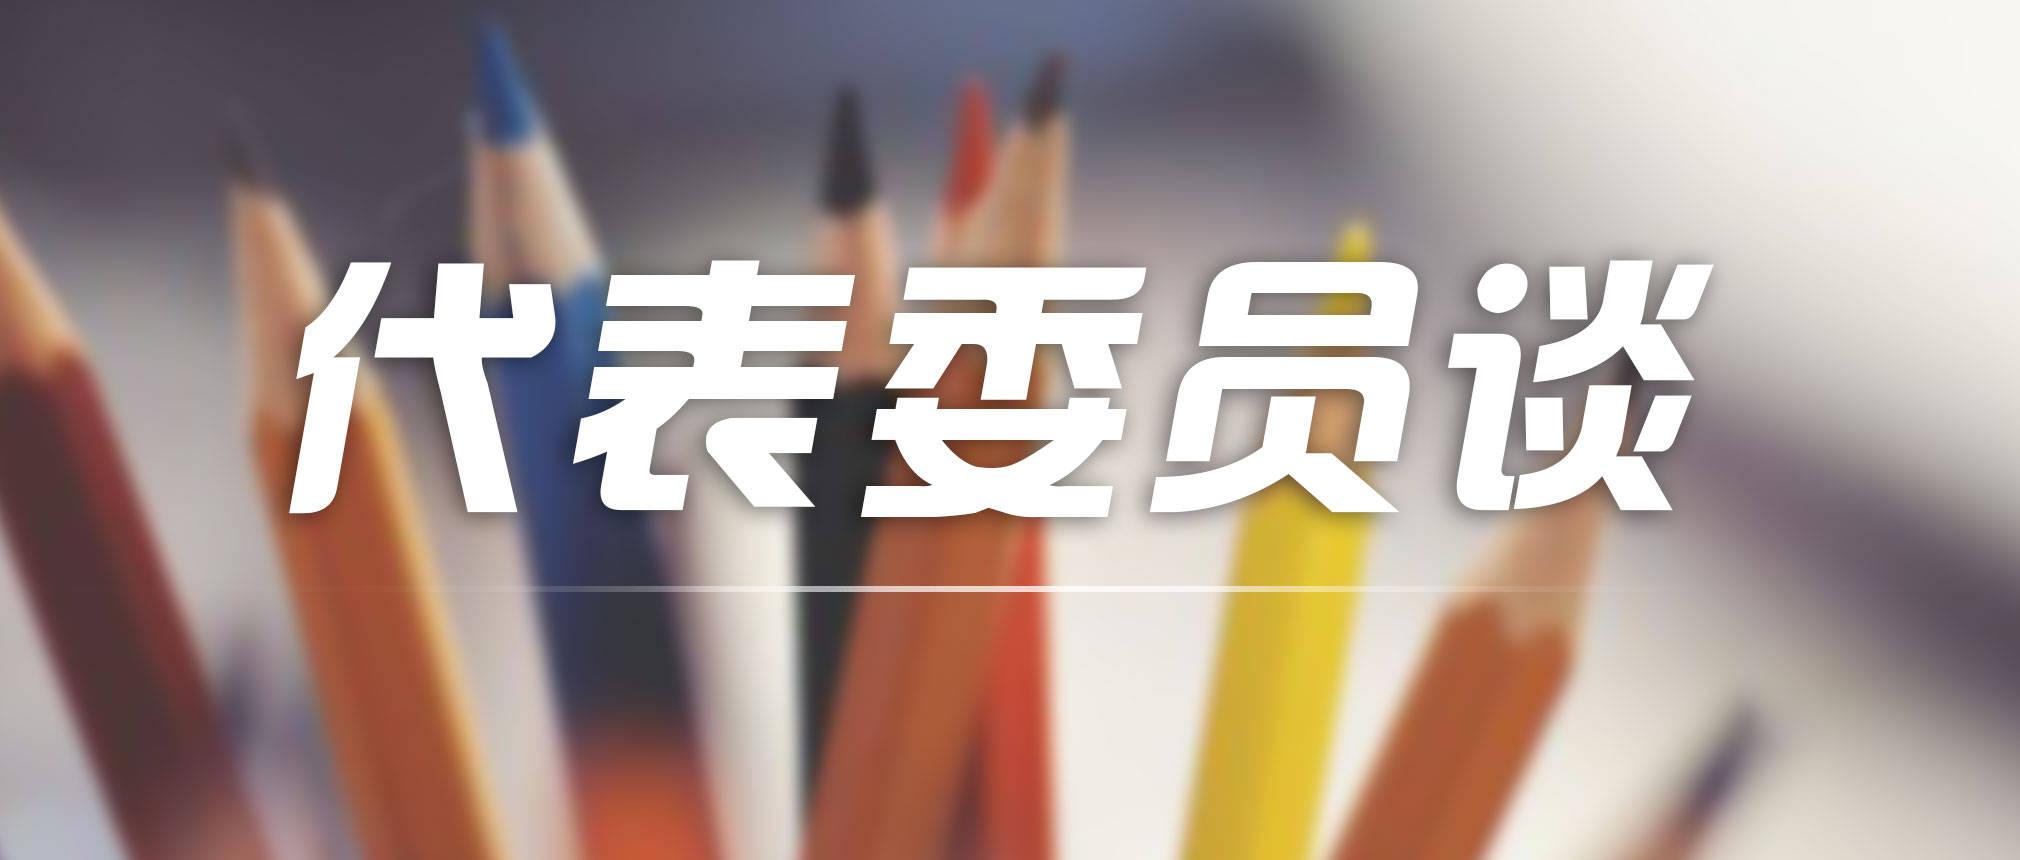 郭文圣委员:在幼儿园增设男幼师并增设资金补贴